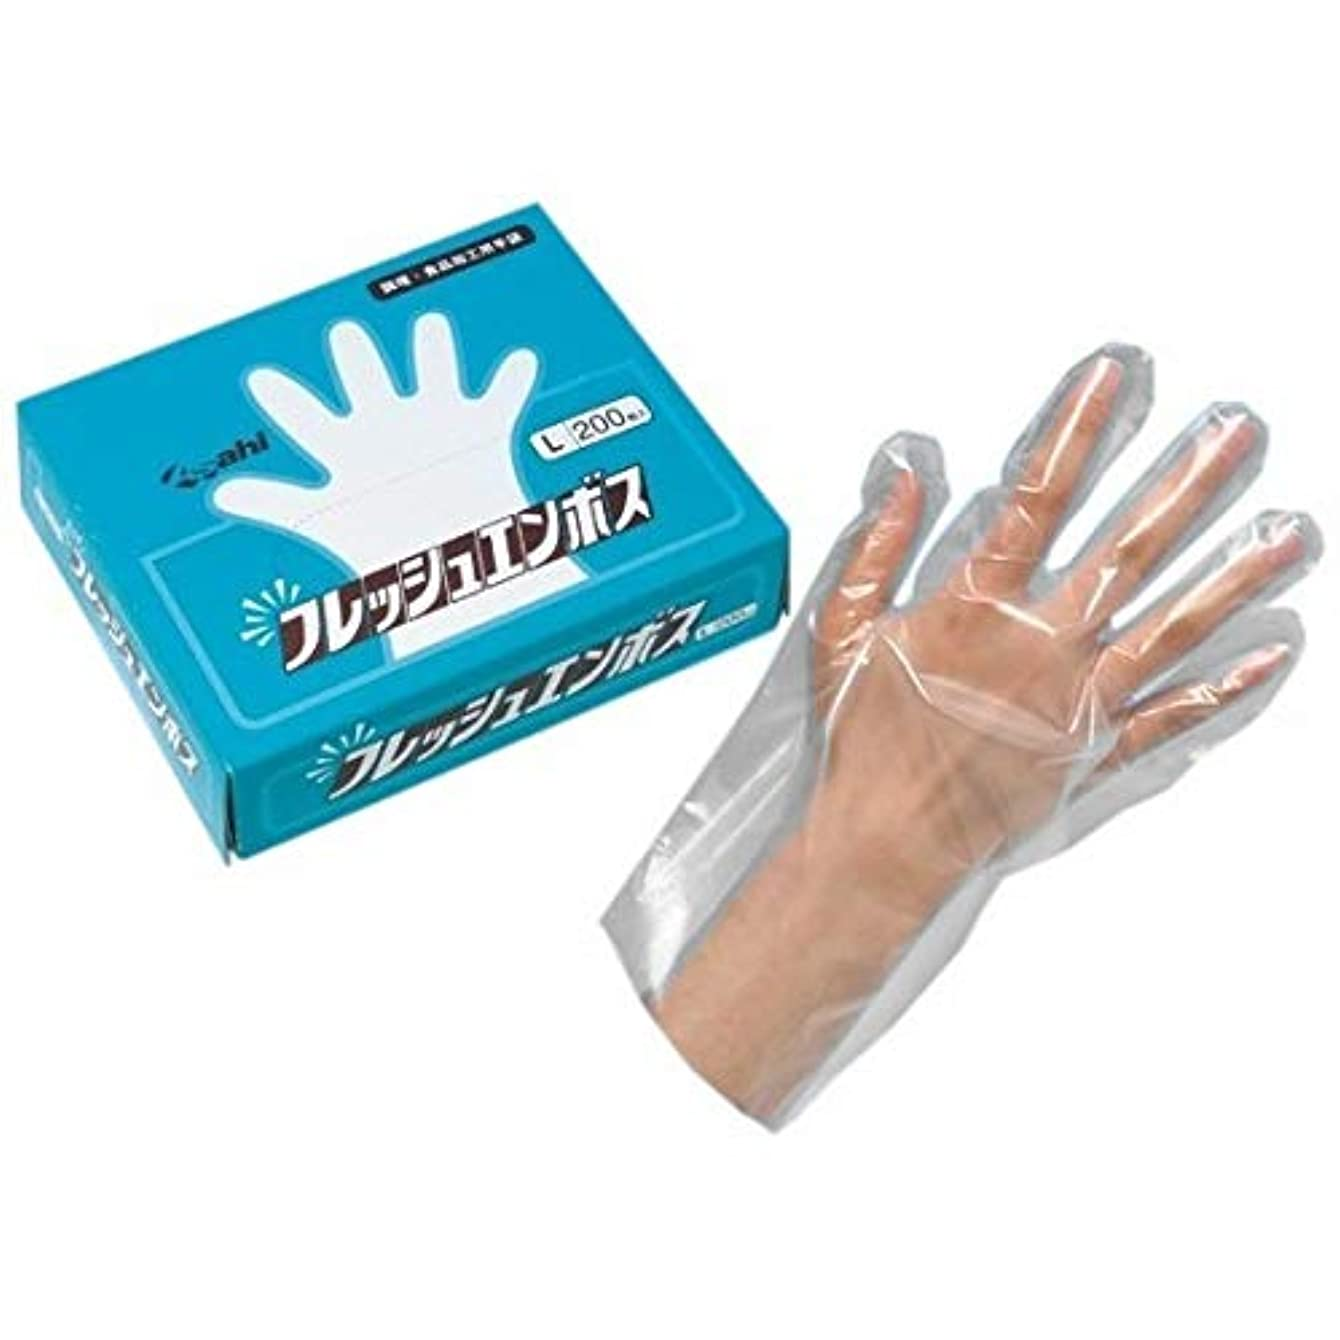 薬を飲むトリプル移住するフレッシュエンボス 手袋 Lサイズ 200枚入